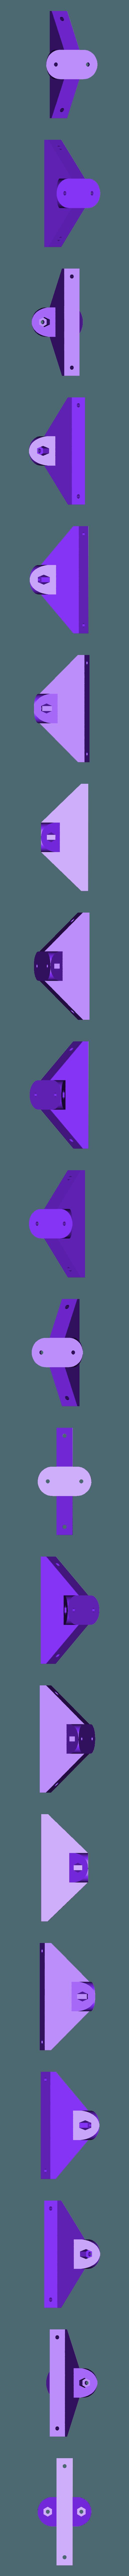 test_v1_test_v1_Component6_1_Body1_Component6.stl Télécharger fichier STL gratuit Test de la machine vibrante • Design imprimable en 3D, TinkersProjects